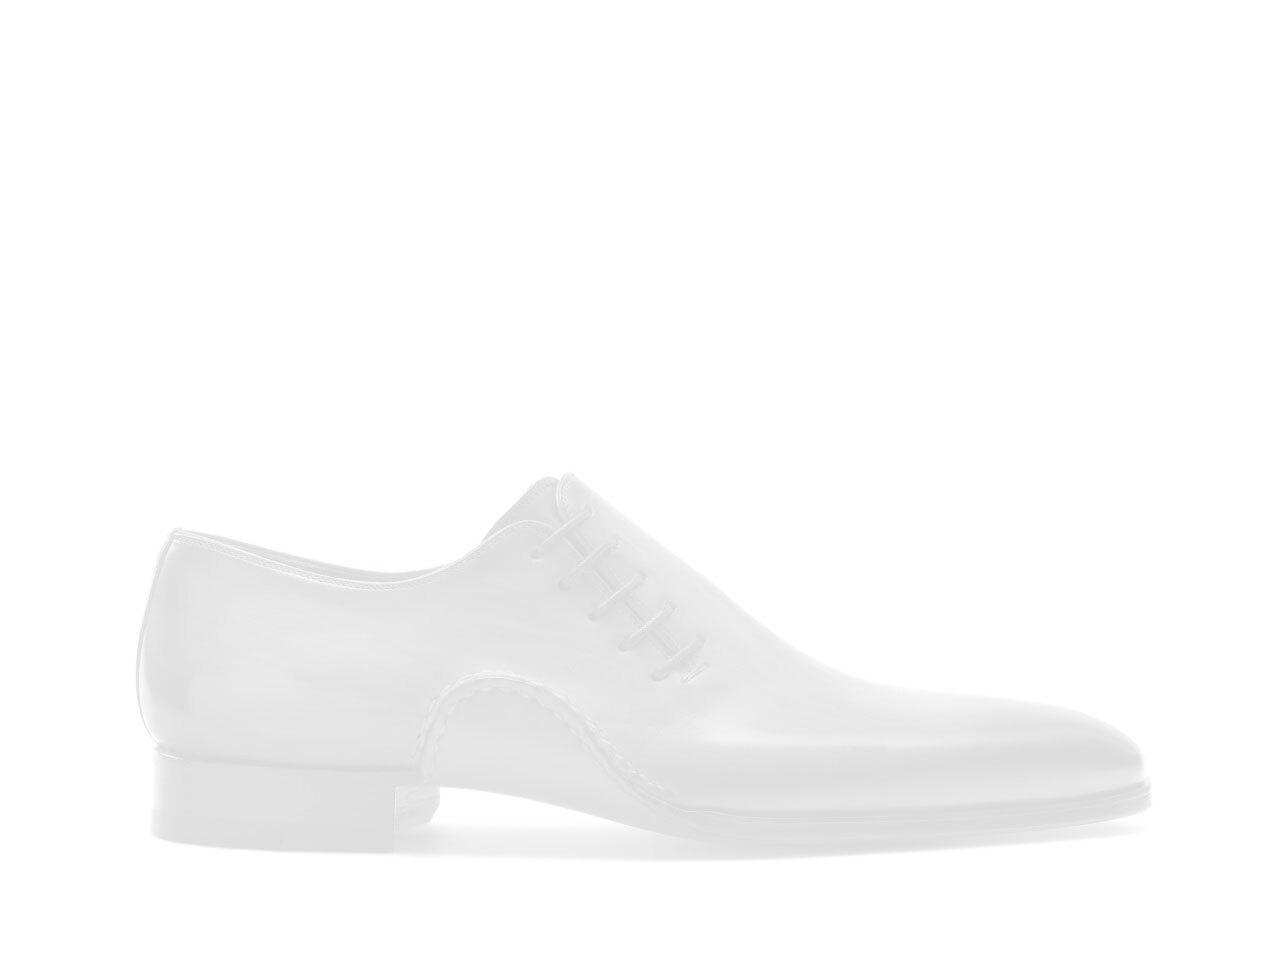 Pair of the Magnanni Bernina Castoro Men's Double Monk Strap Shoes